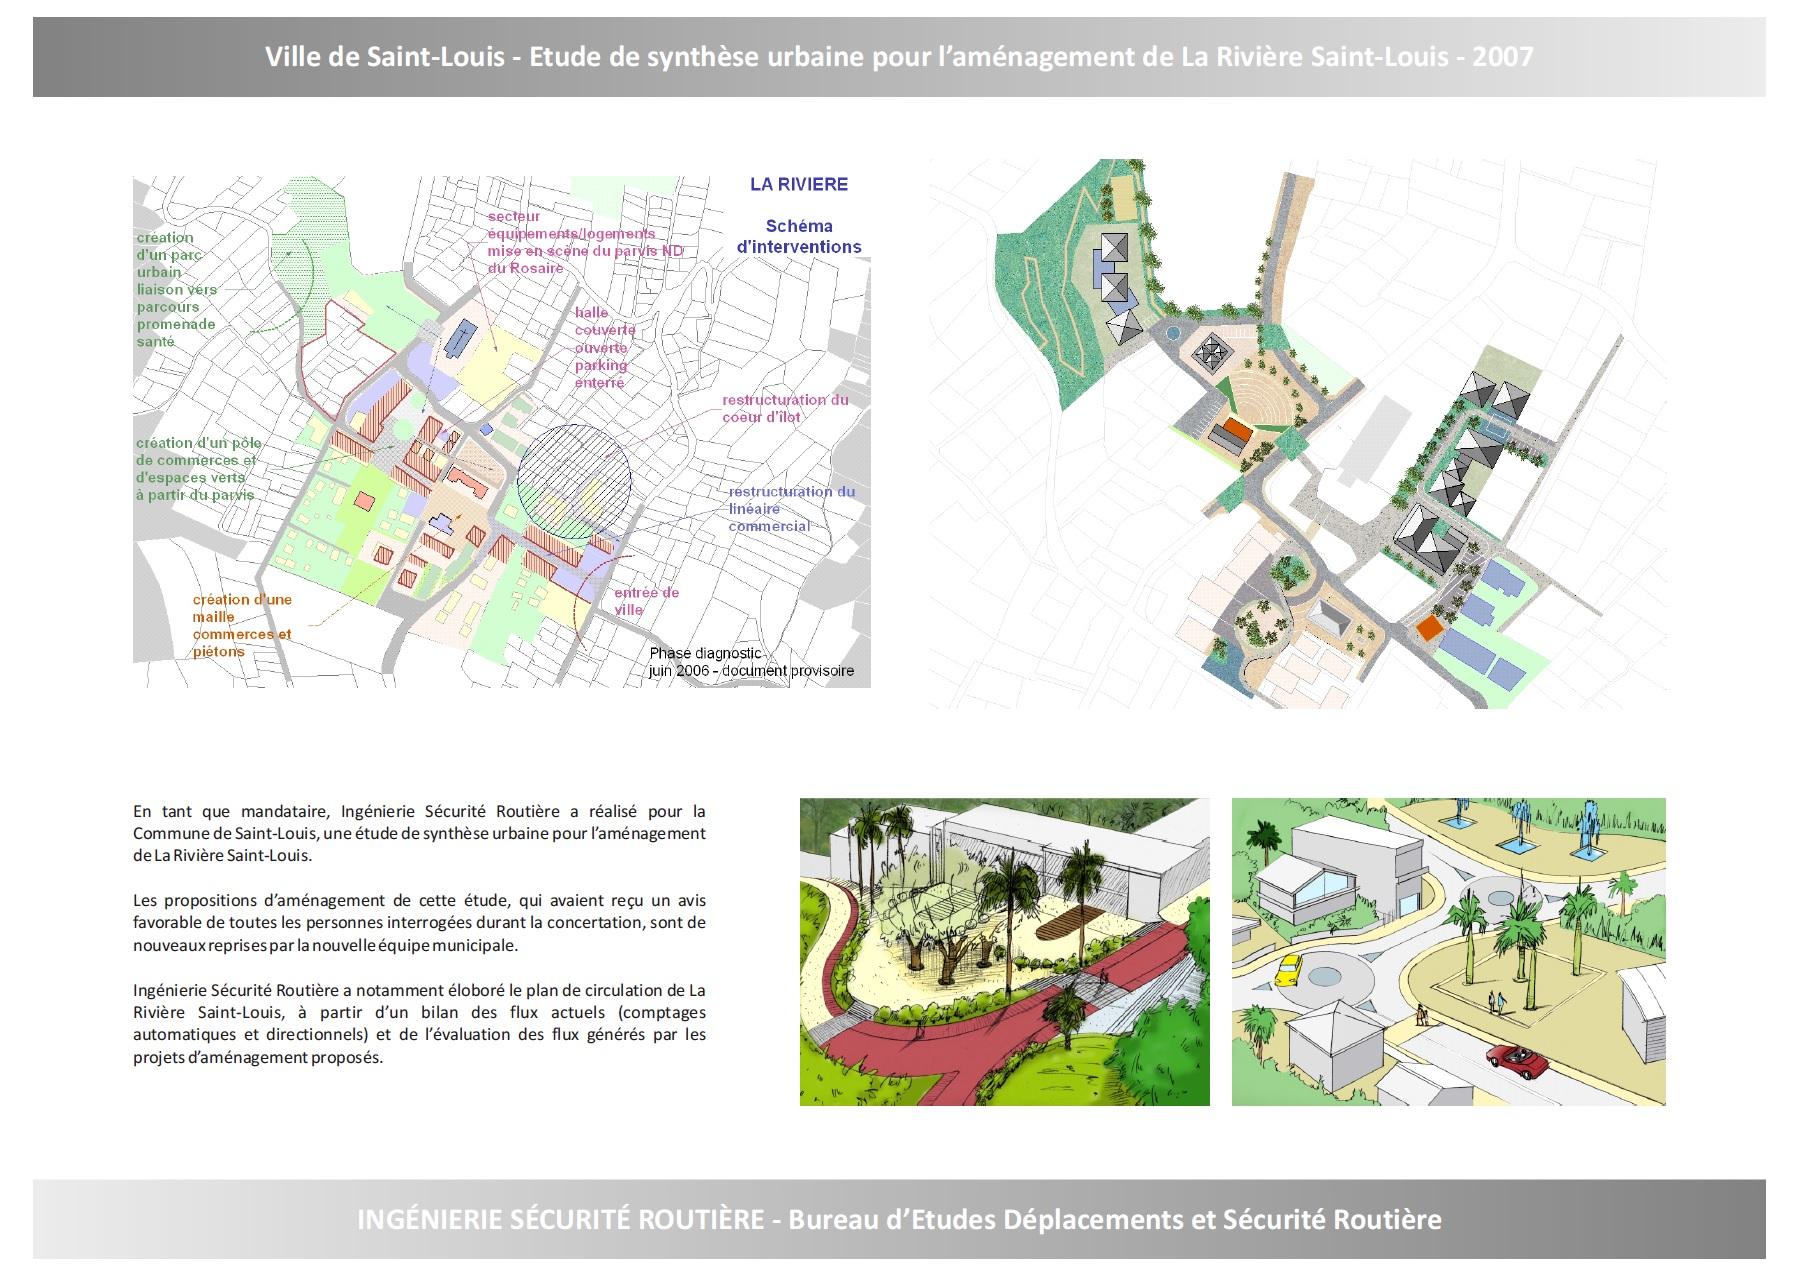 Ville de Saint-Louis : Etude de synthèse urbaine